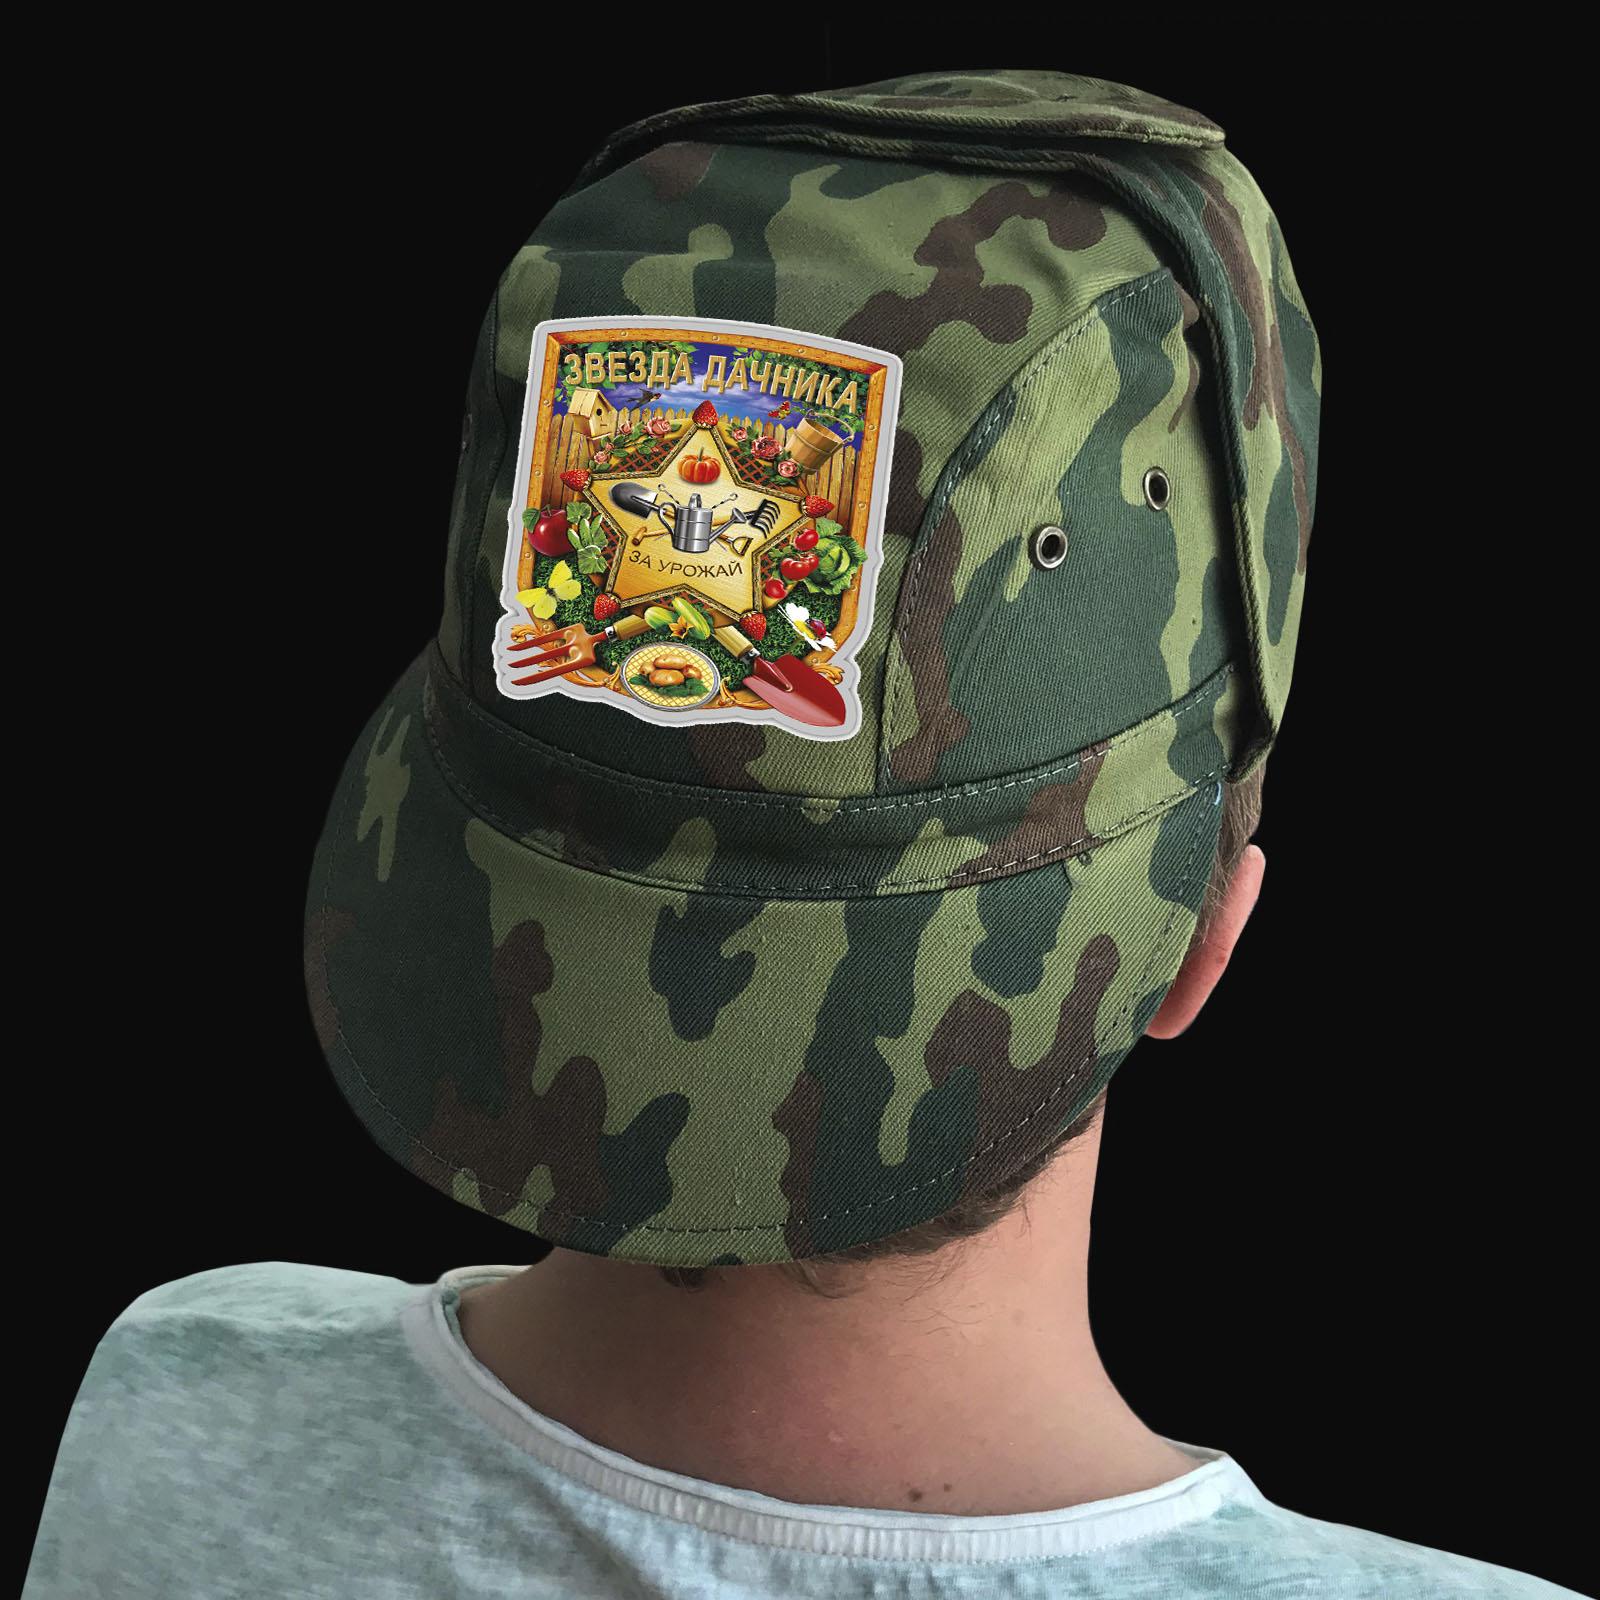 Купить мужскую кепку камуфляж с термотрансфером Звезда Дачника с доставкой